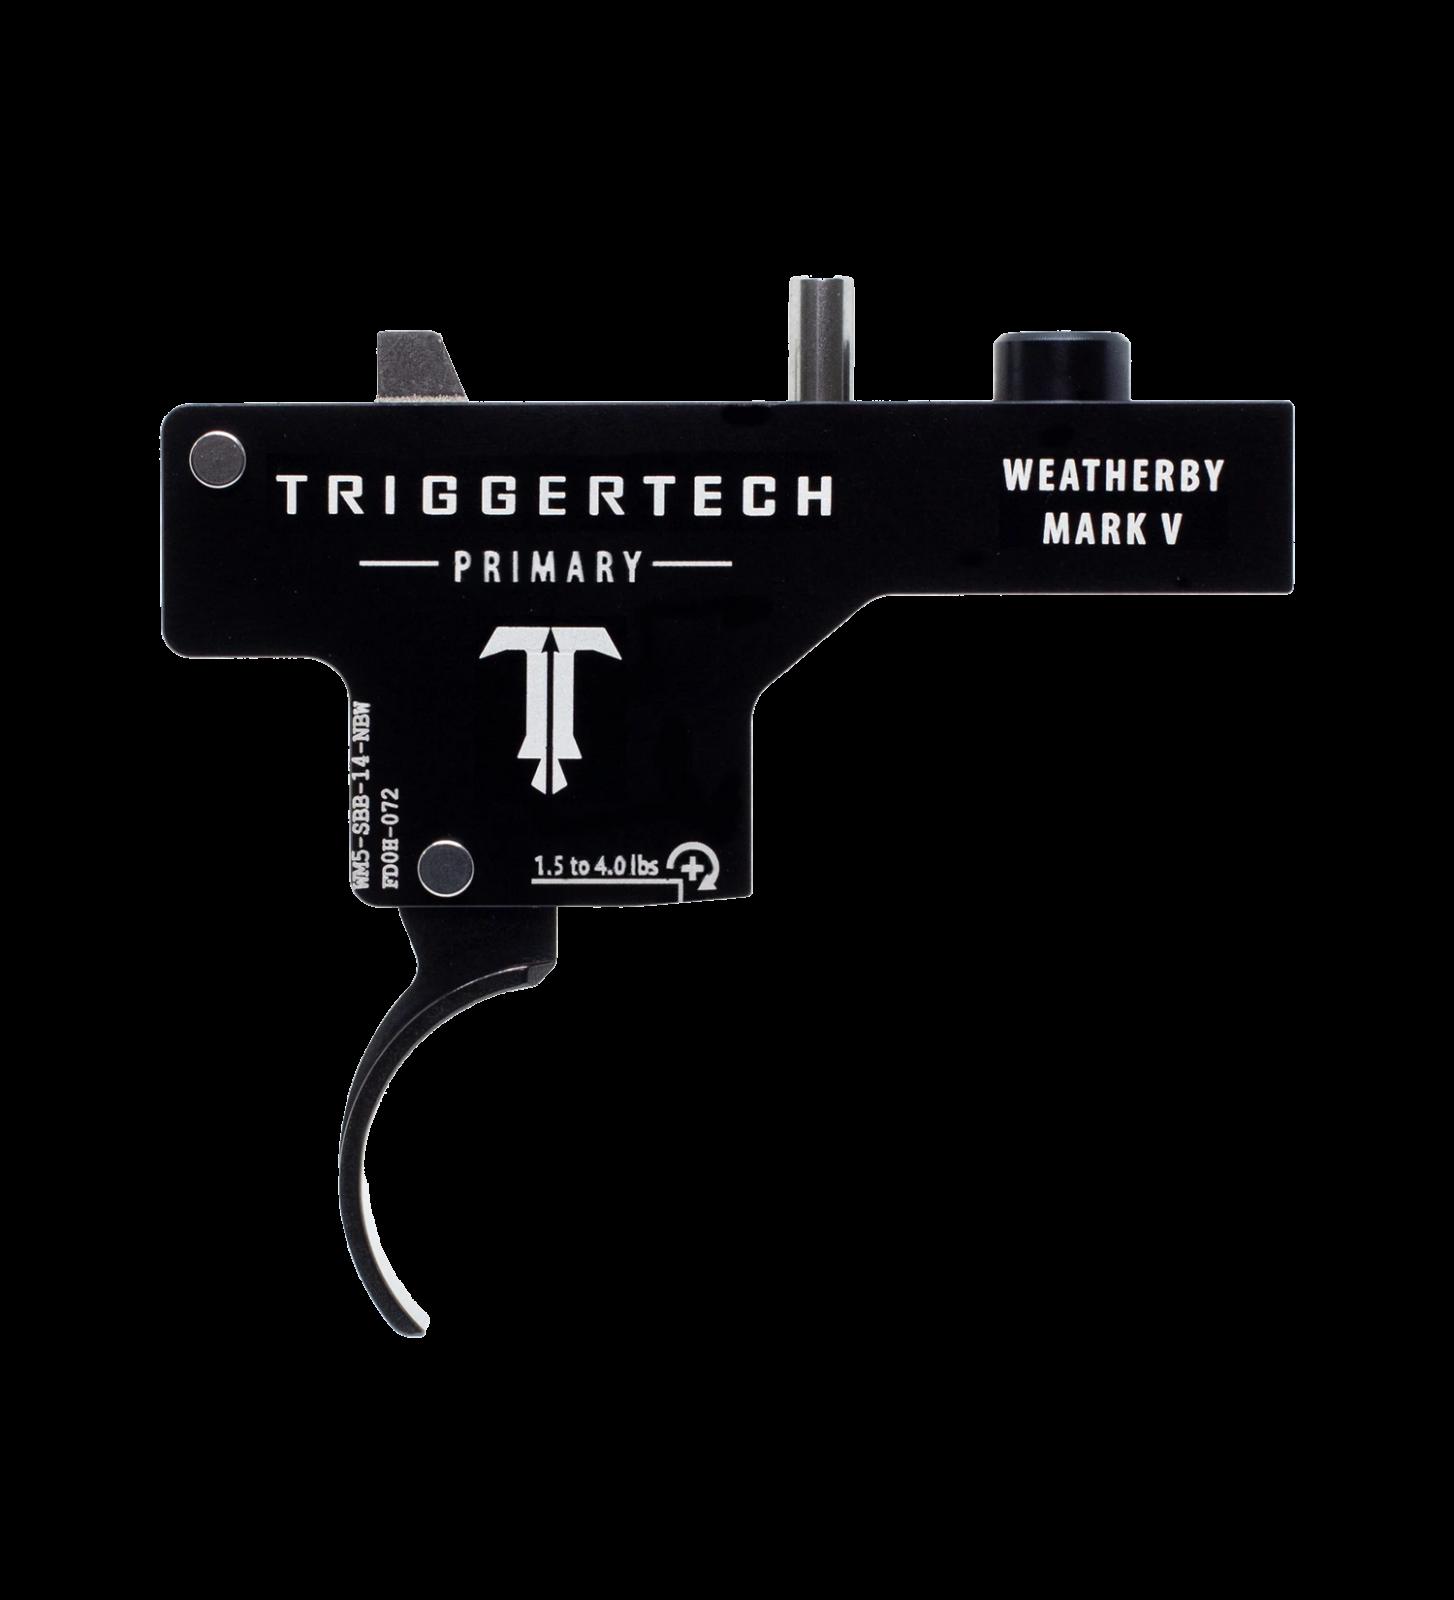 Spoušť Triggertech Primary pro Weatherby Mark V - zaoblená, černá